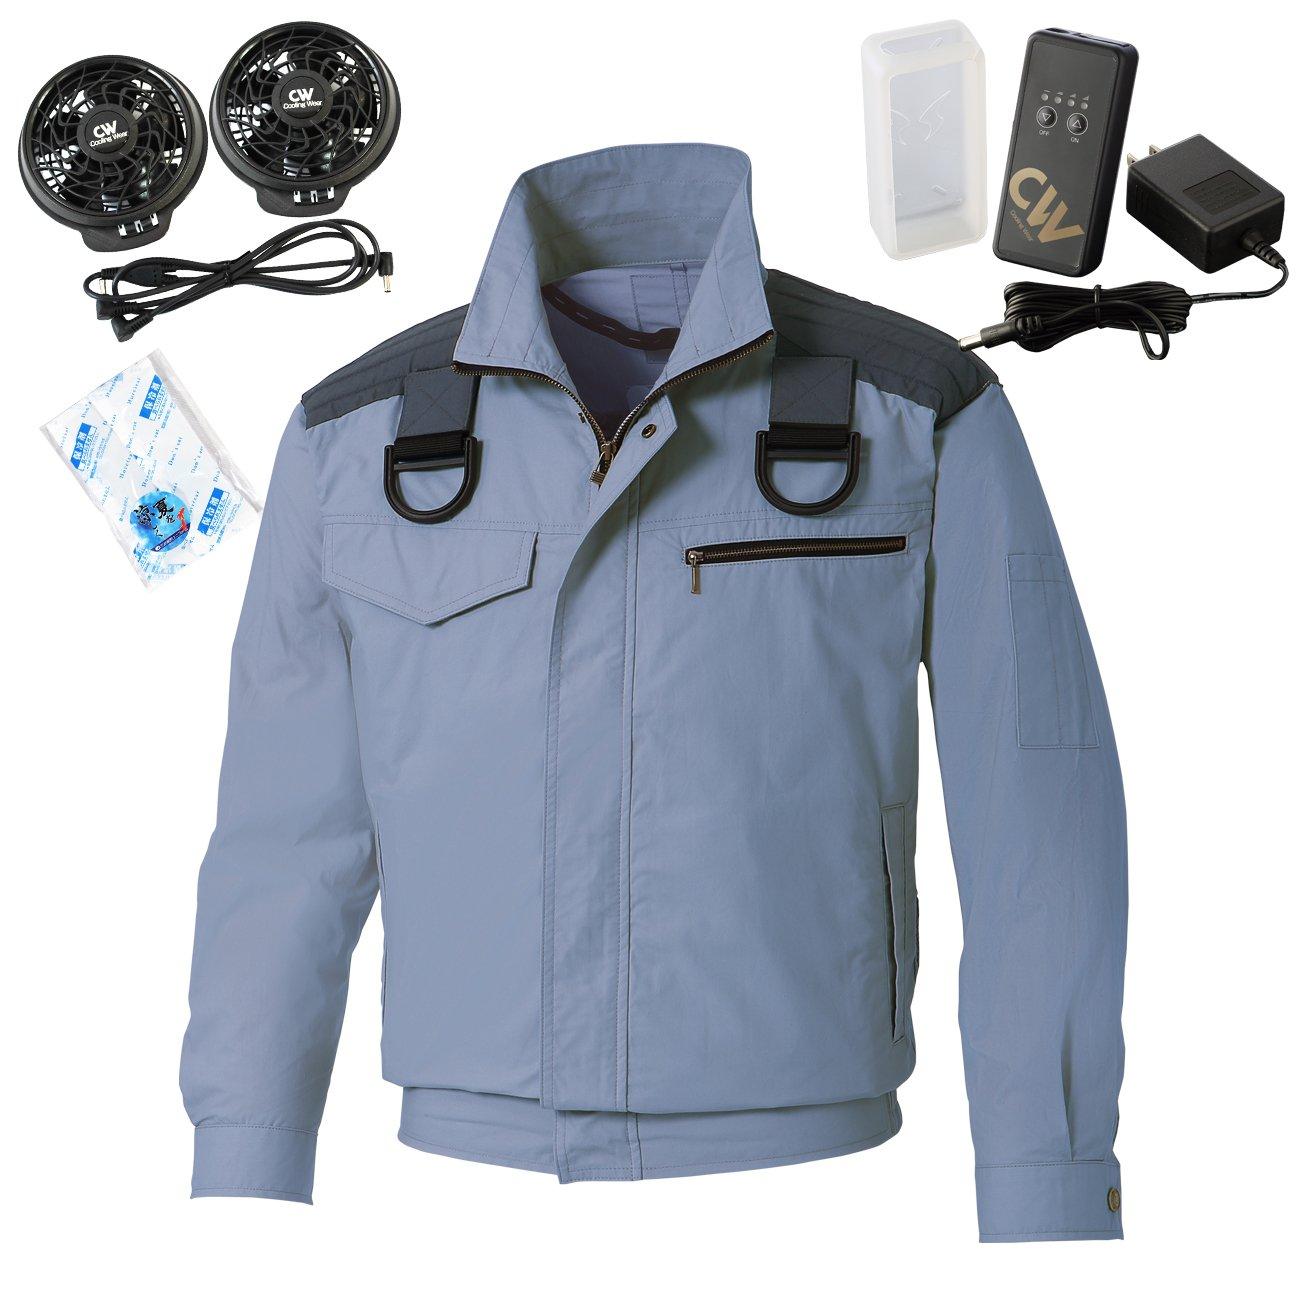 空調服 作業服 サンエス 肩パット付フルハーネス用ブルゾン 綿100%(2018年新型小型リチウムバッテリー+2018年新型ファン/保冷剤2個付)<099-KU93502F-H> B07CNJR97Y 5L|4-ブルー 4-ブルー 5L